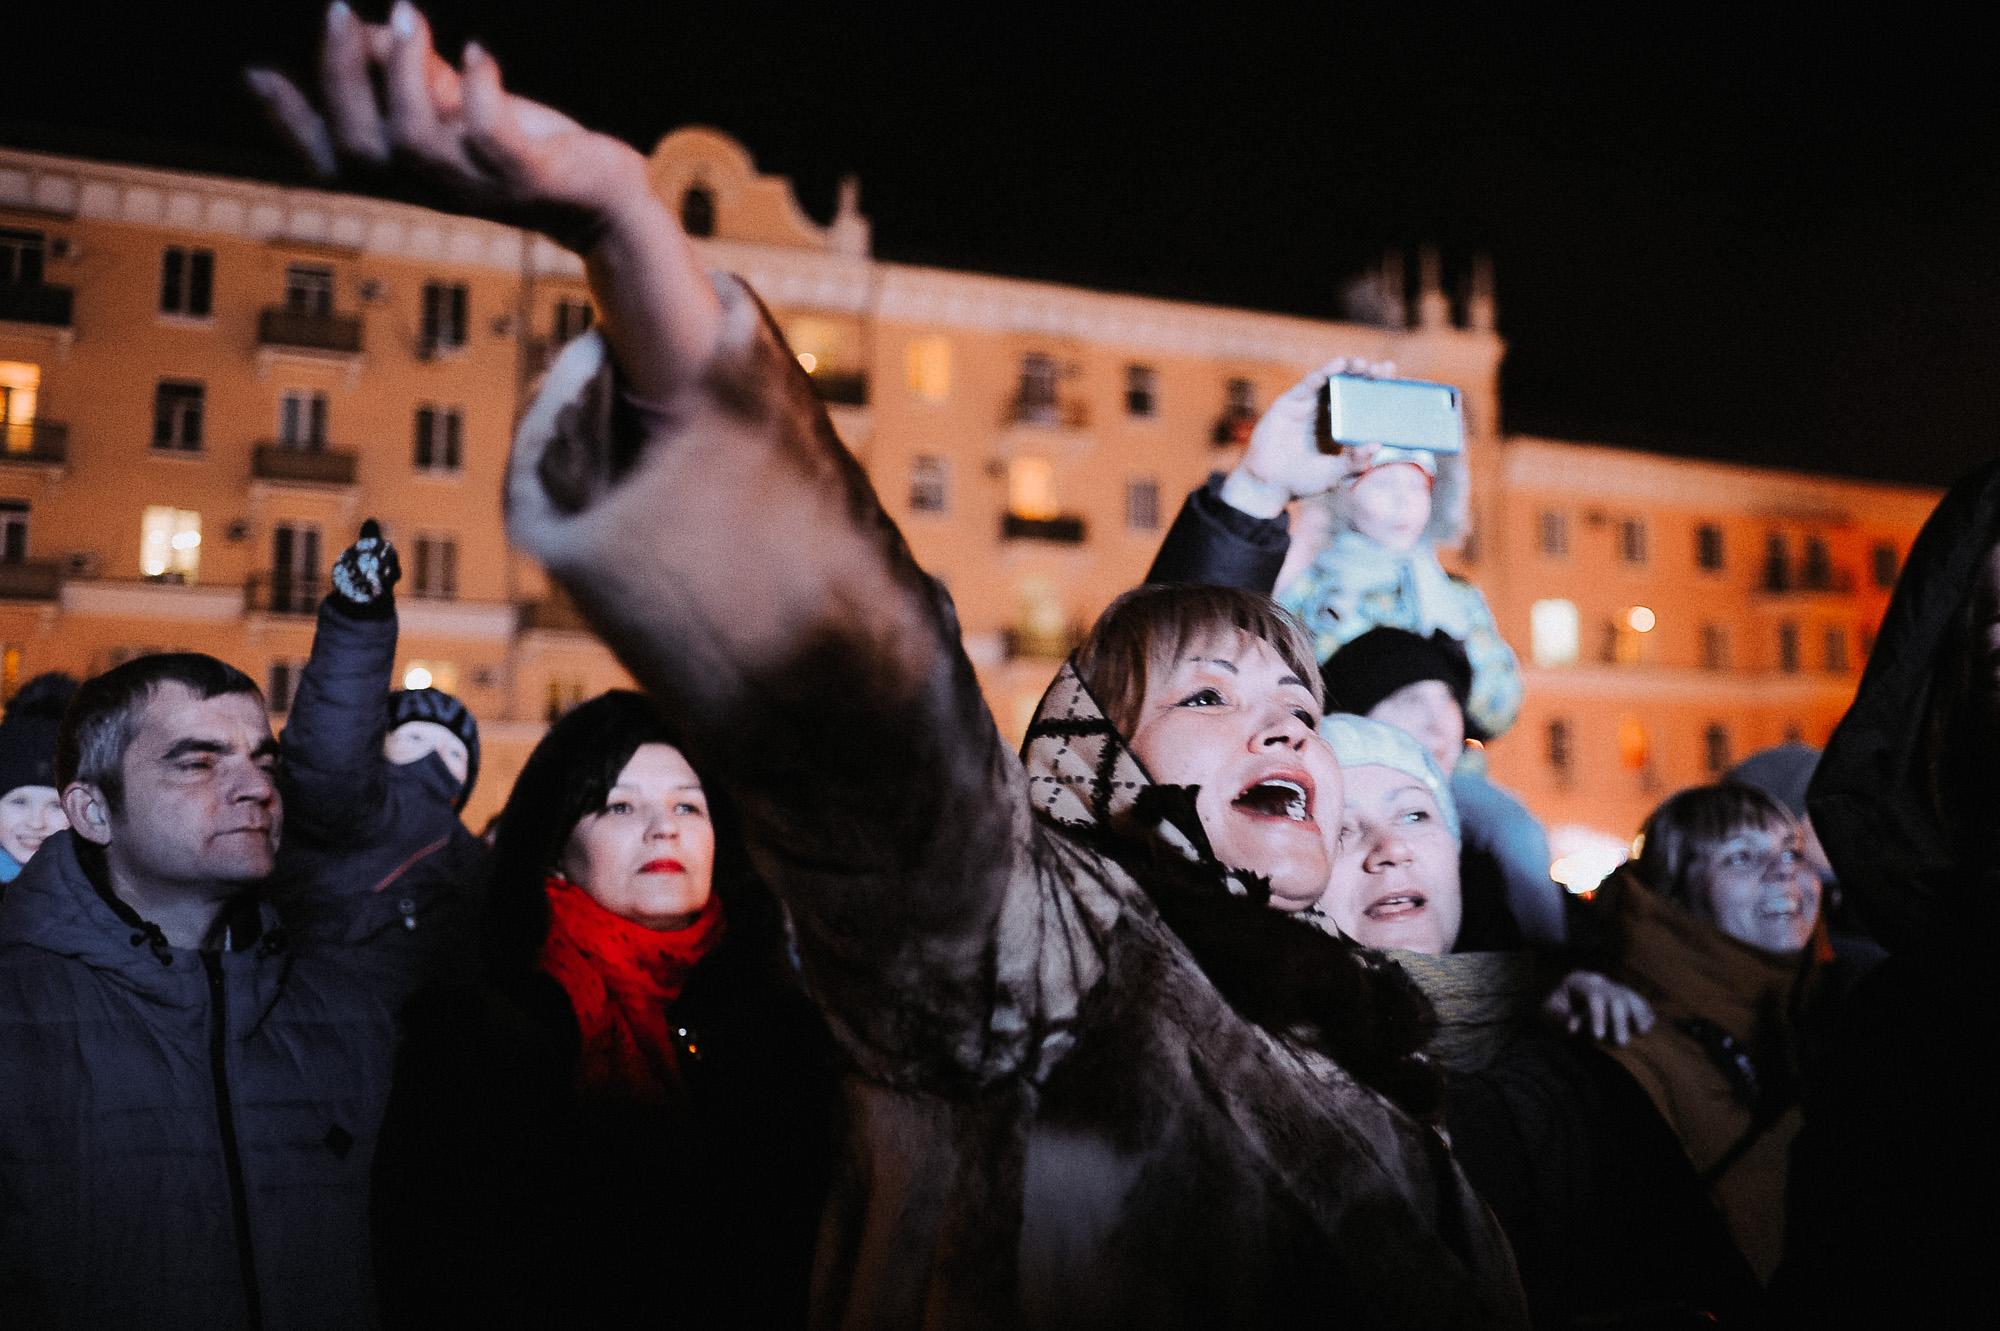 ZZZ 6939 В Астрахани на площади Ленина зажгли новогоднюю елку: кадры торжества